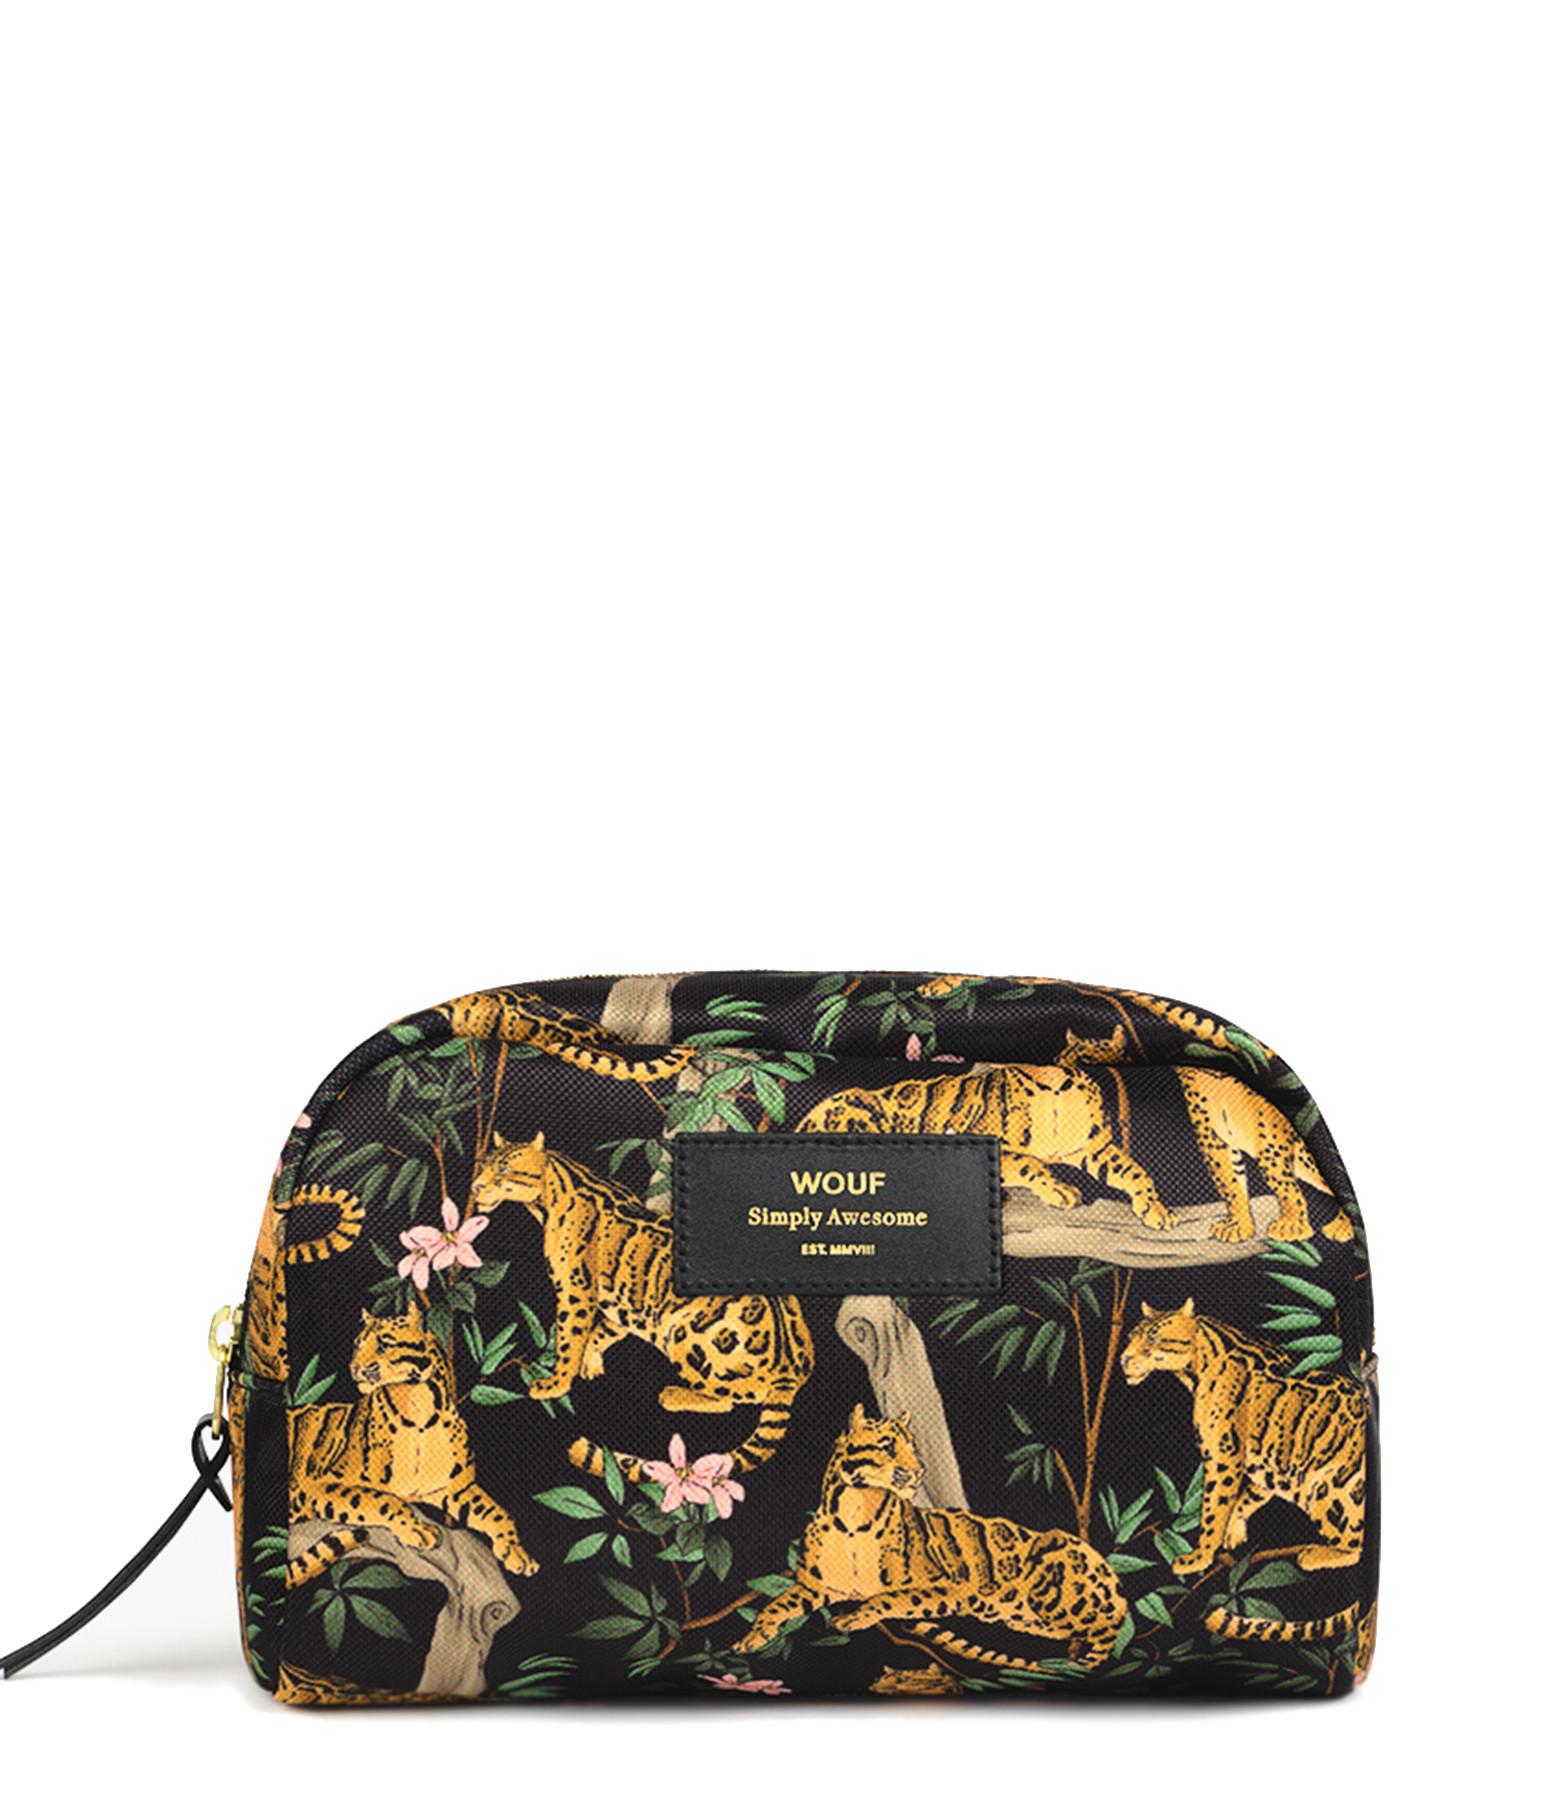 WOUF - Trousse Big Beauty Black Lazy Jungle